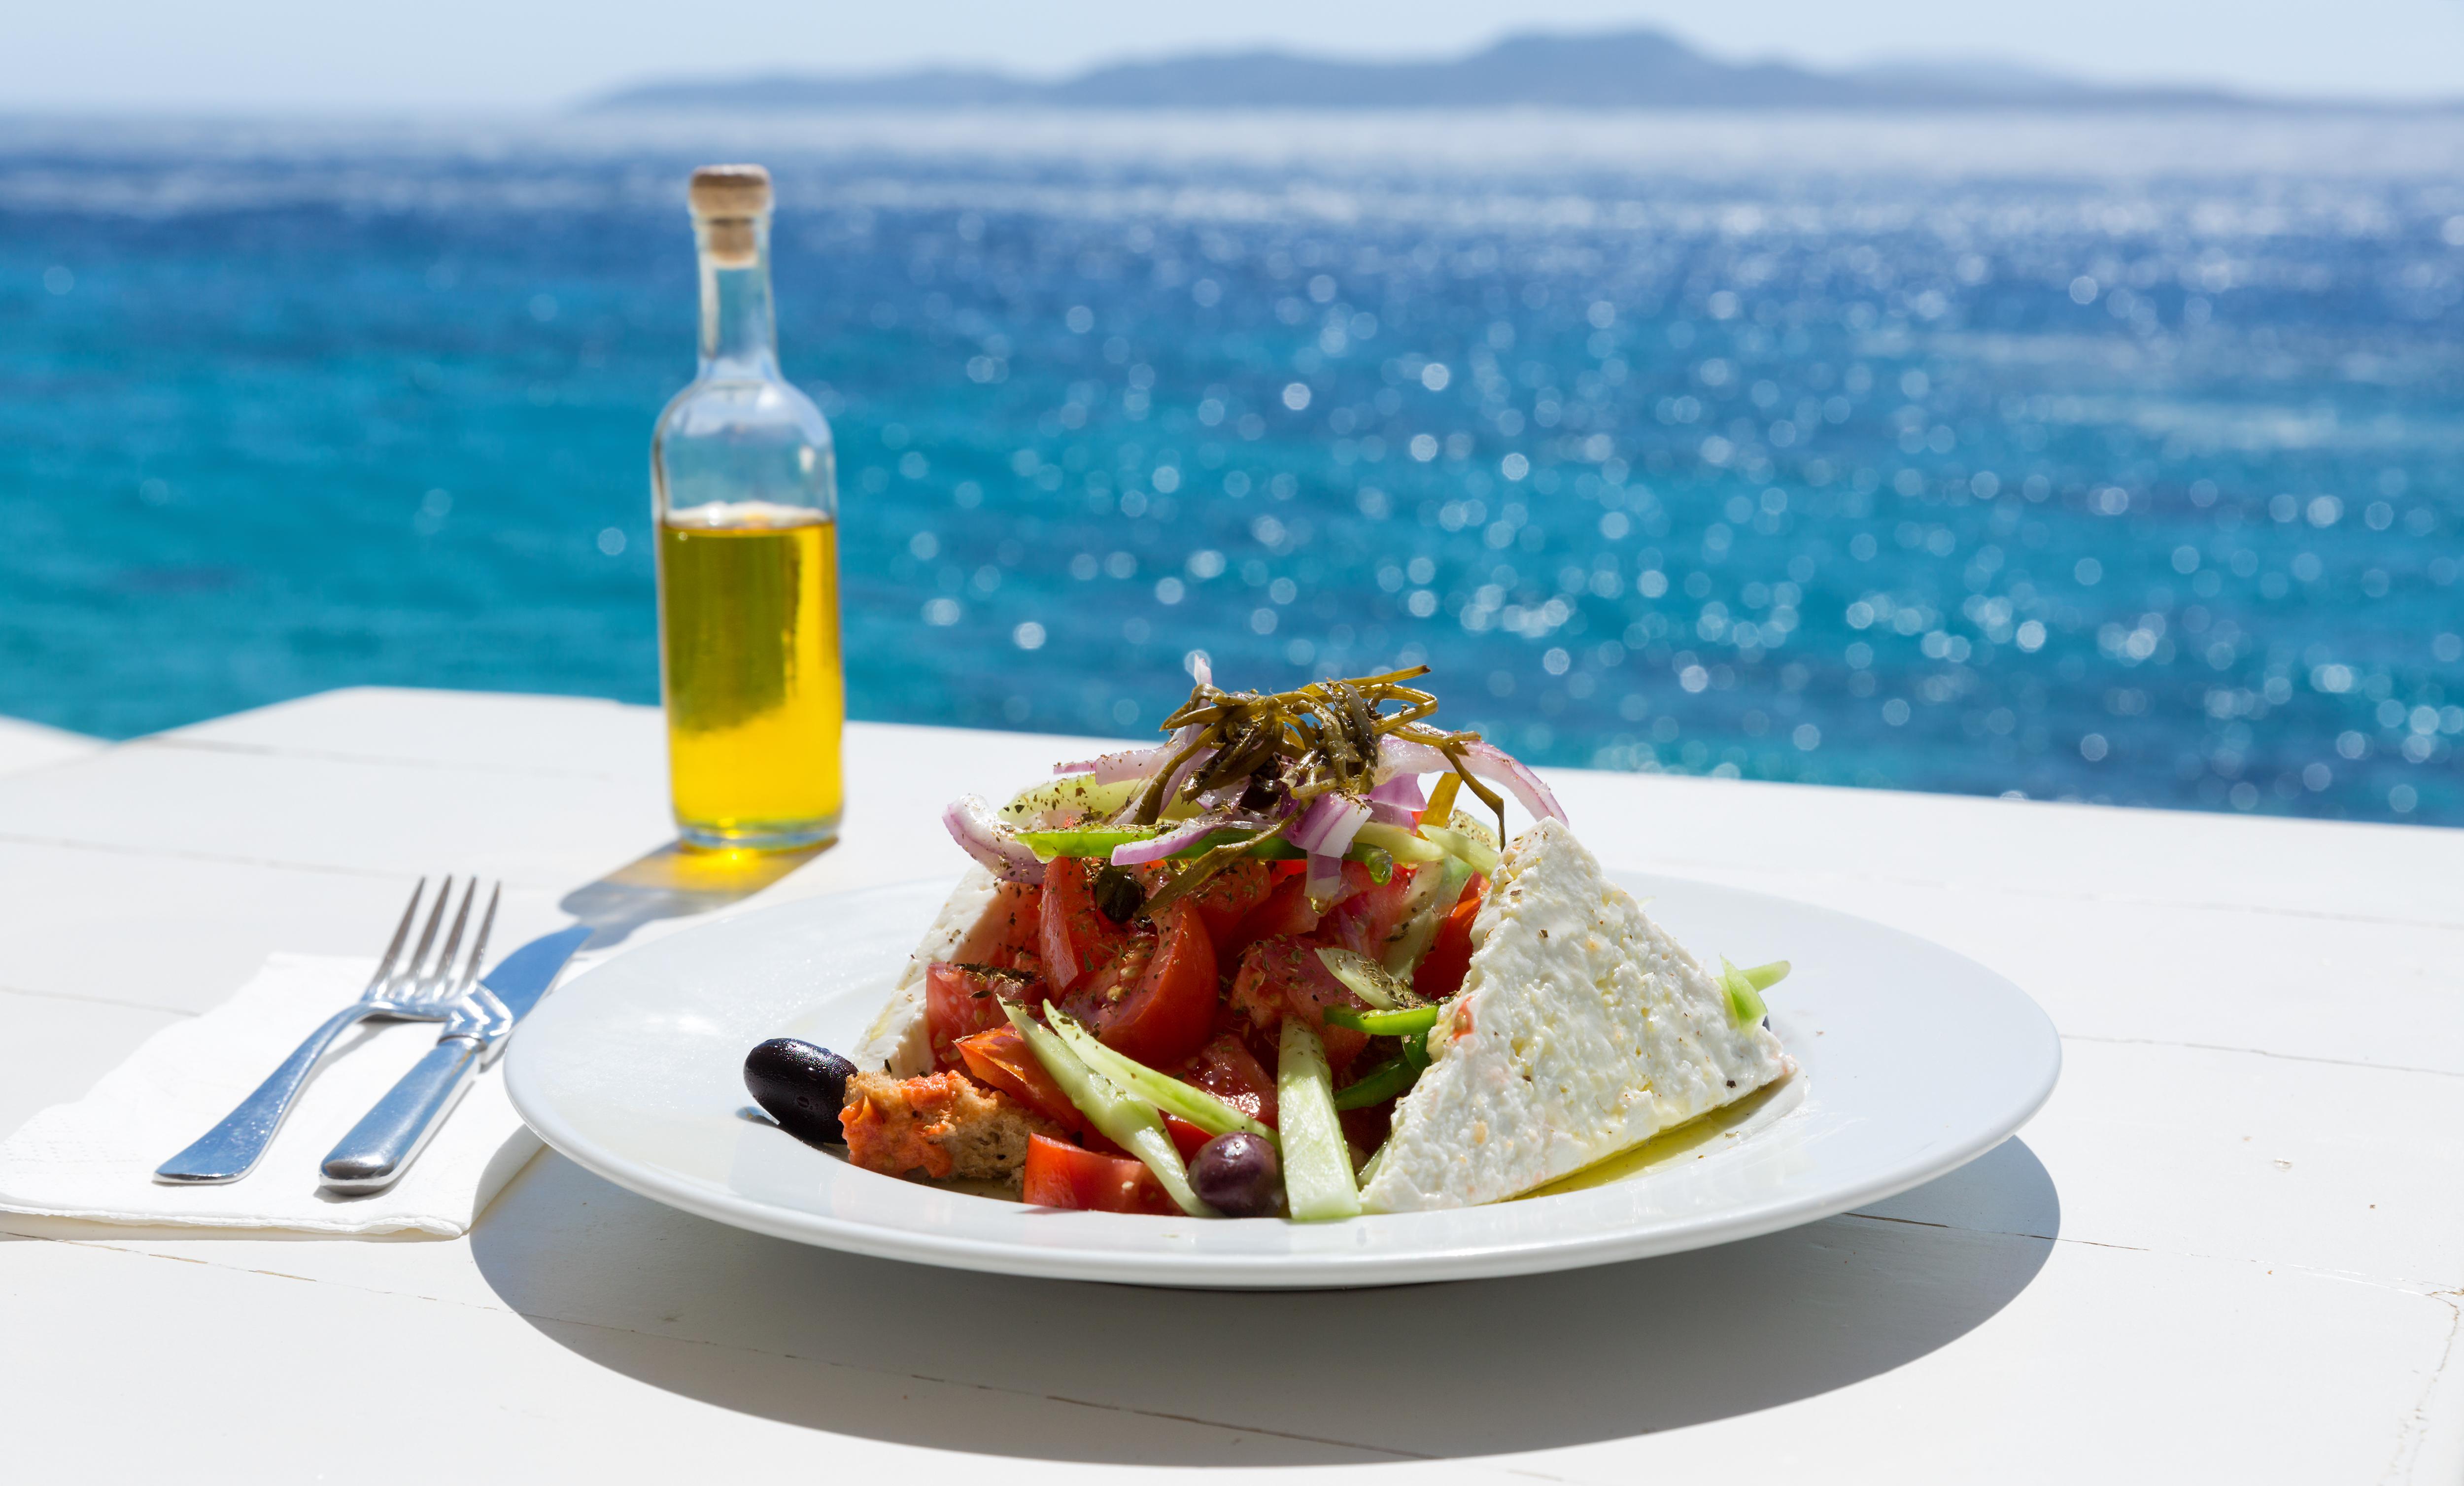 7.Гърция<br /> <br /> Гърция е привлекателна дестинация за много туристи от Западна Европа и Северна Америка. Най-отличителните черти на нейната кухня са гиросите, сиренето фета, маслините и зехтинът, който придружава почти всяко едно ястие.